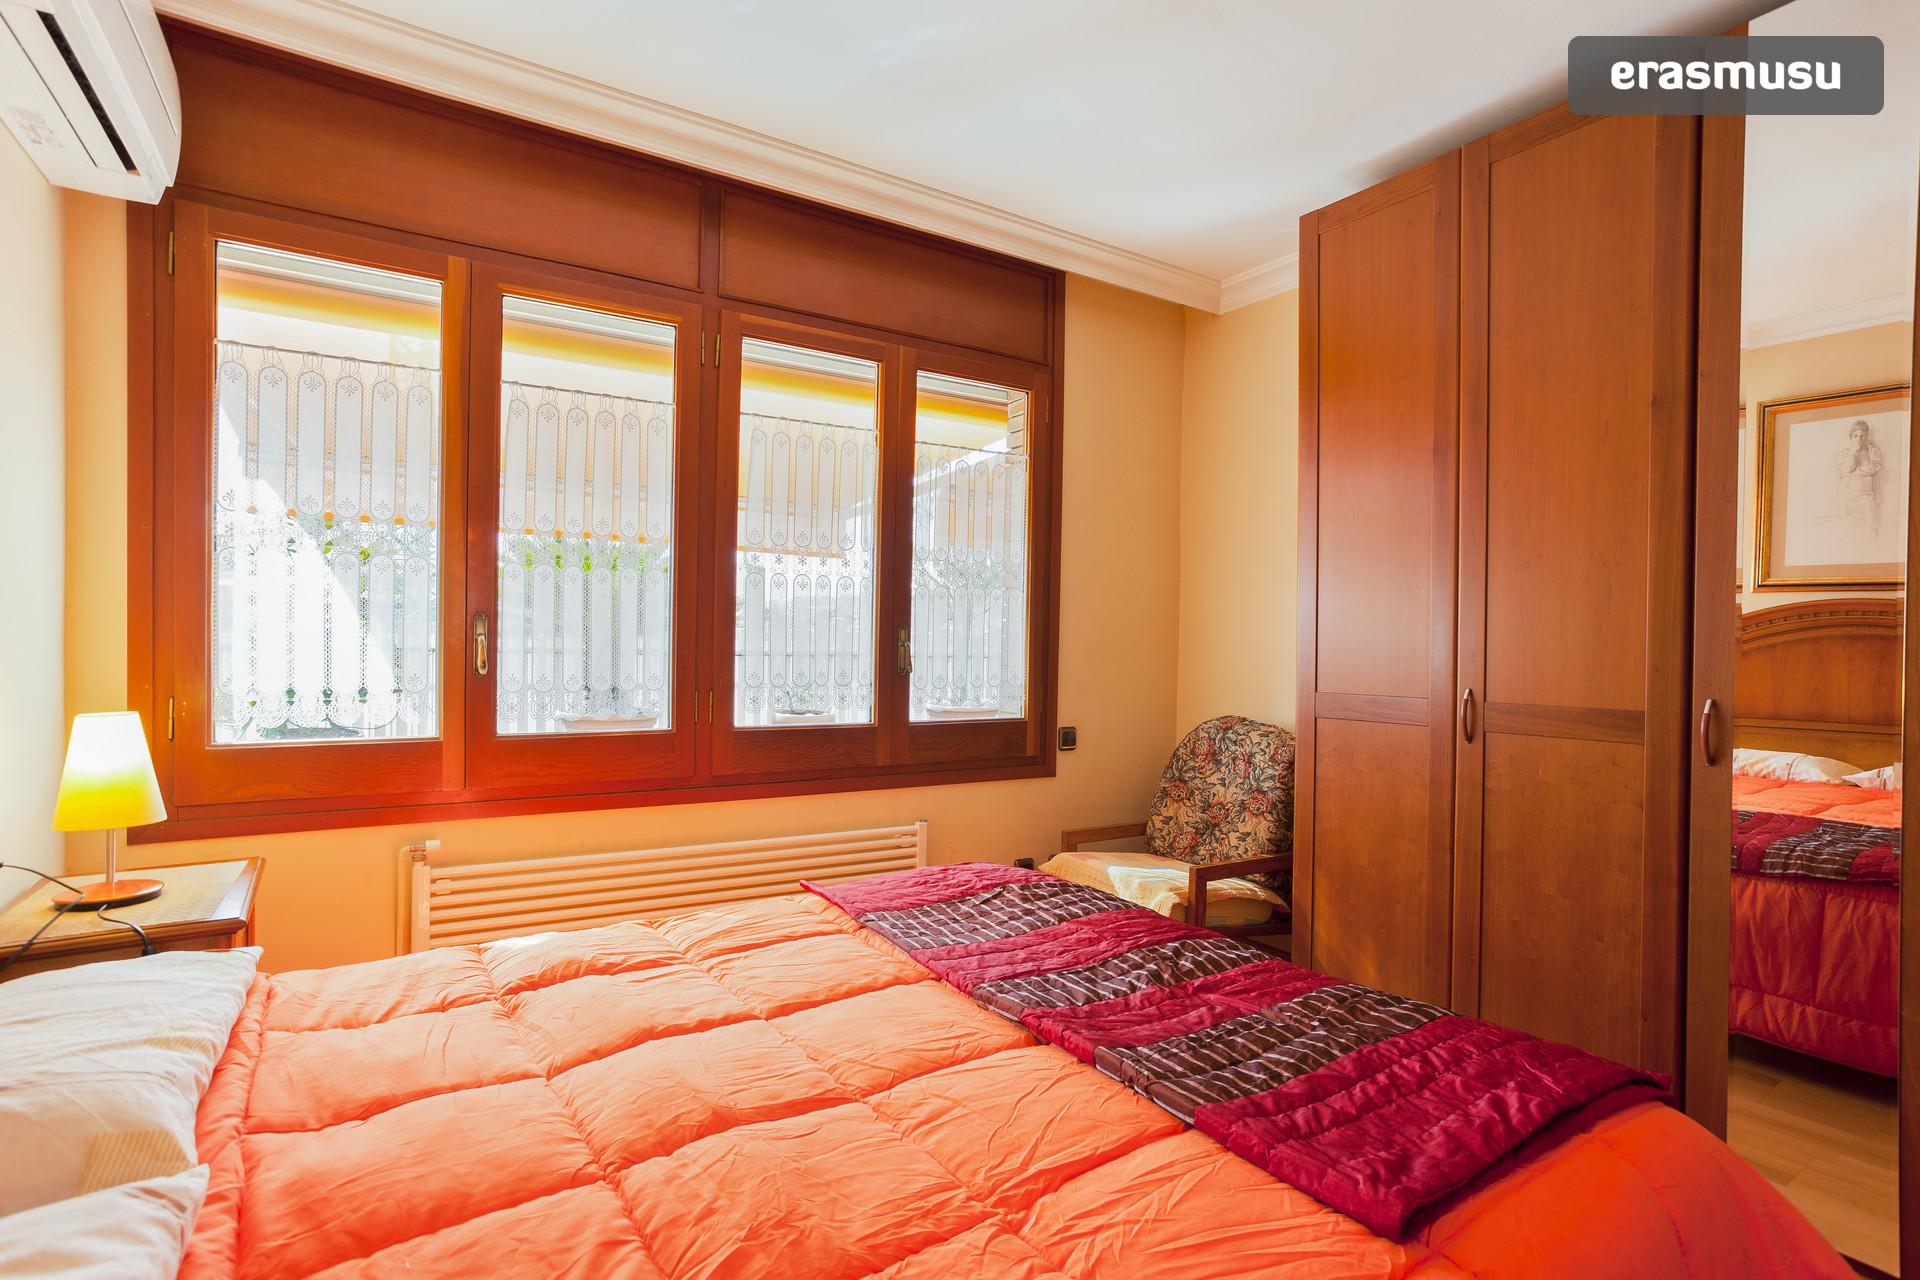 dormitorio-individual-zona-sagrega-467ff